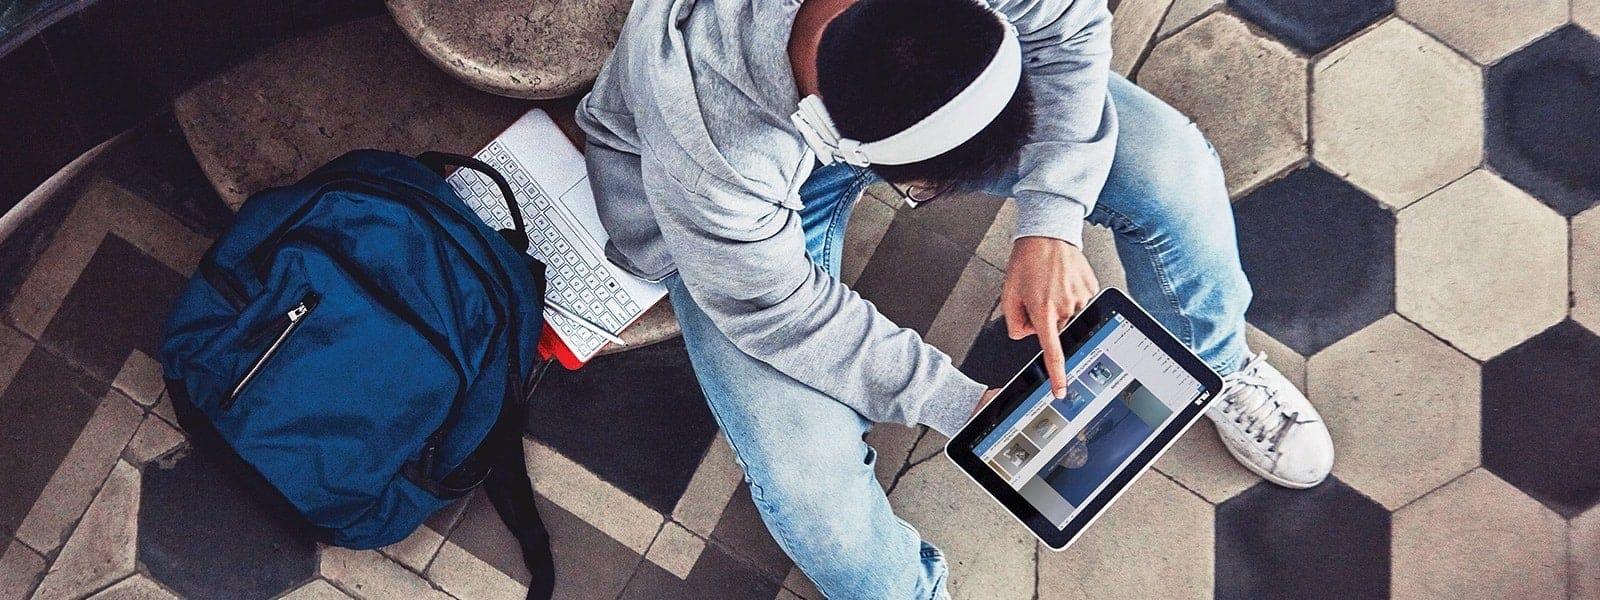 Estudiante mirando un dispositivo Windows 10